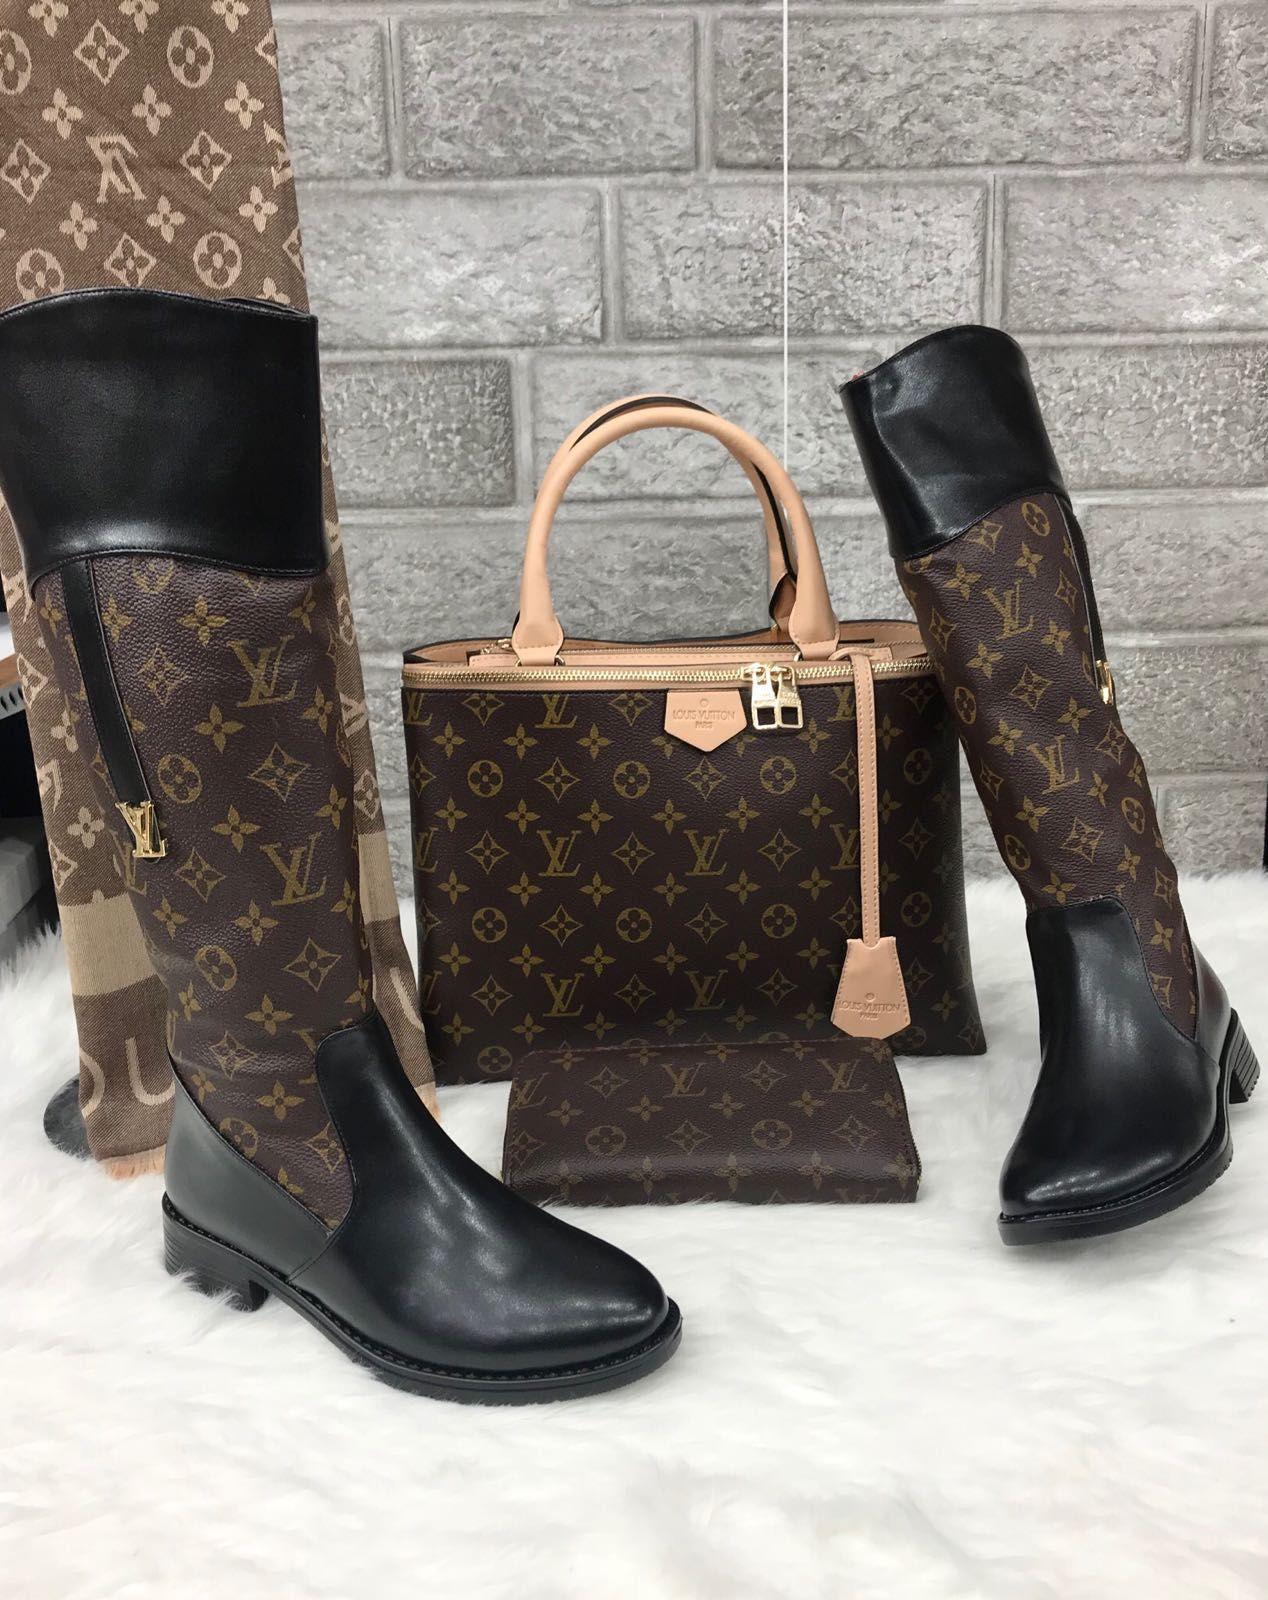 Canta 120 Cizme 140 Tl Sal 45 Tl Cuzdan 35 Louis Vuitton Boots Louis Vuitton Louis Vuitton Shoes